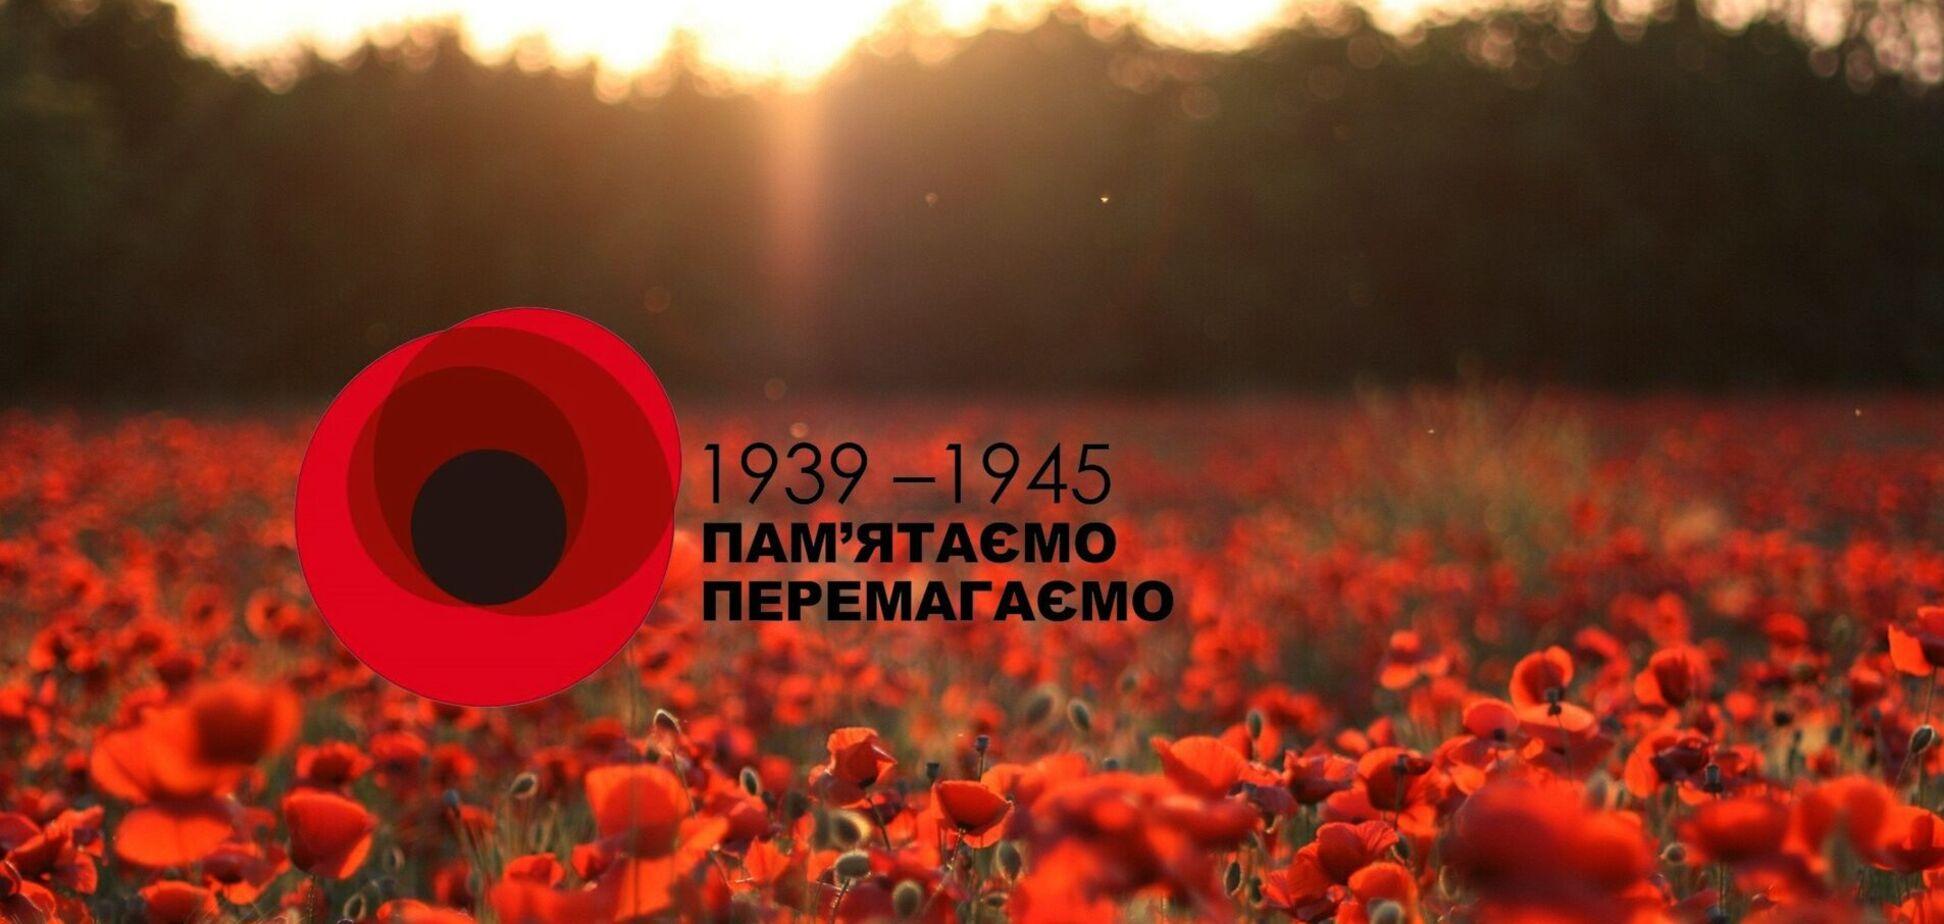 День памяти и примирения отмечают в годовщину капитуляции нацистской Германии